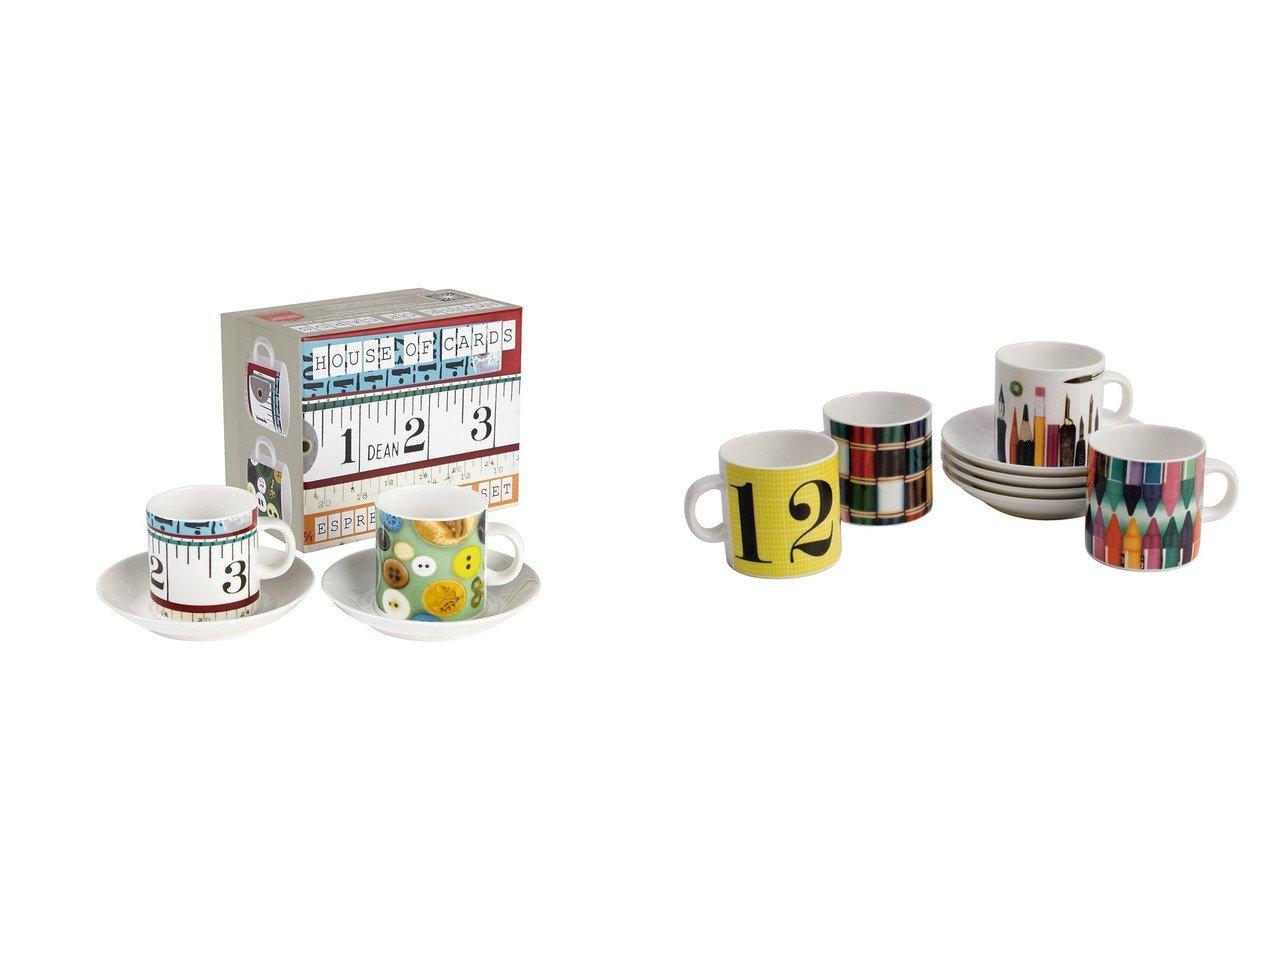 【FLYMEe accessoire/フライミーアクセソワ】のEAMES ESPRESSO GIFT SET 4 CUPS & イームズ エスプレッソ ギフトセット (カップ&ソーサー 4客セット)&EAMES DOUBLE ESPRESSO GIFT SET BUTTONS & イームズ ダブルエスプレッソ ギフトセット (ボタン&テープ メジャー) 【テーブルウェア・食器 お家時間】おすすめ!人気、インテリア雑貨・家具の通販 おすすめで人気の流行・トレンド、ファッションの通販商品 インテリア・家具・メンズファッション・キッズファッション・レディースファッション・服の通販 founy(ファニー) https://founy.com/ おすすめ Recommend グラフィック コレクション ダブル テーブル プリント ボックス |ID:crp329100000054244